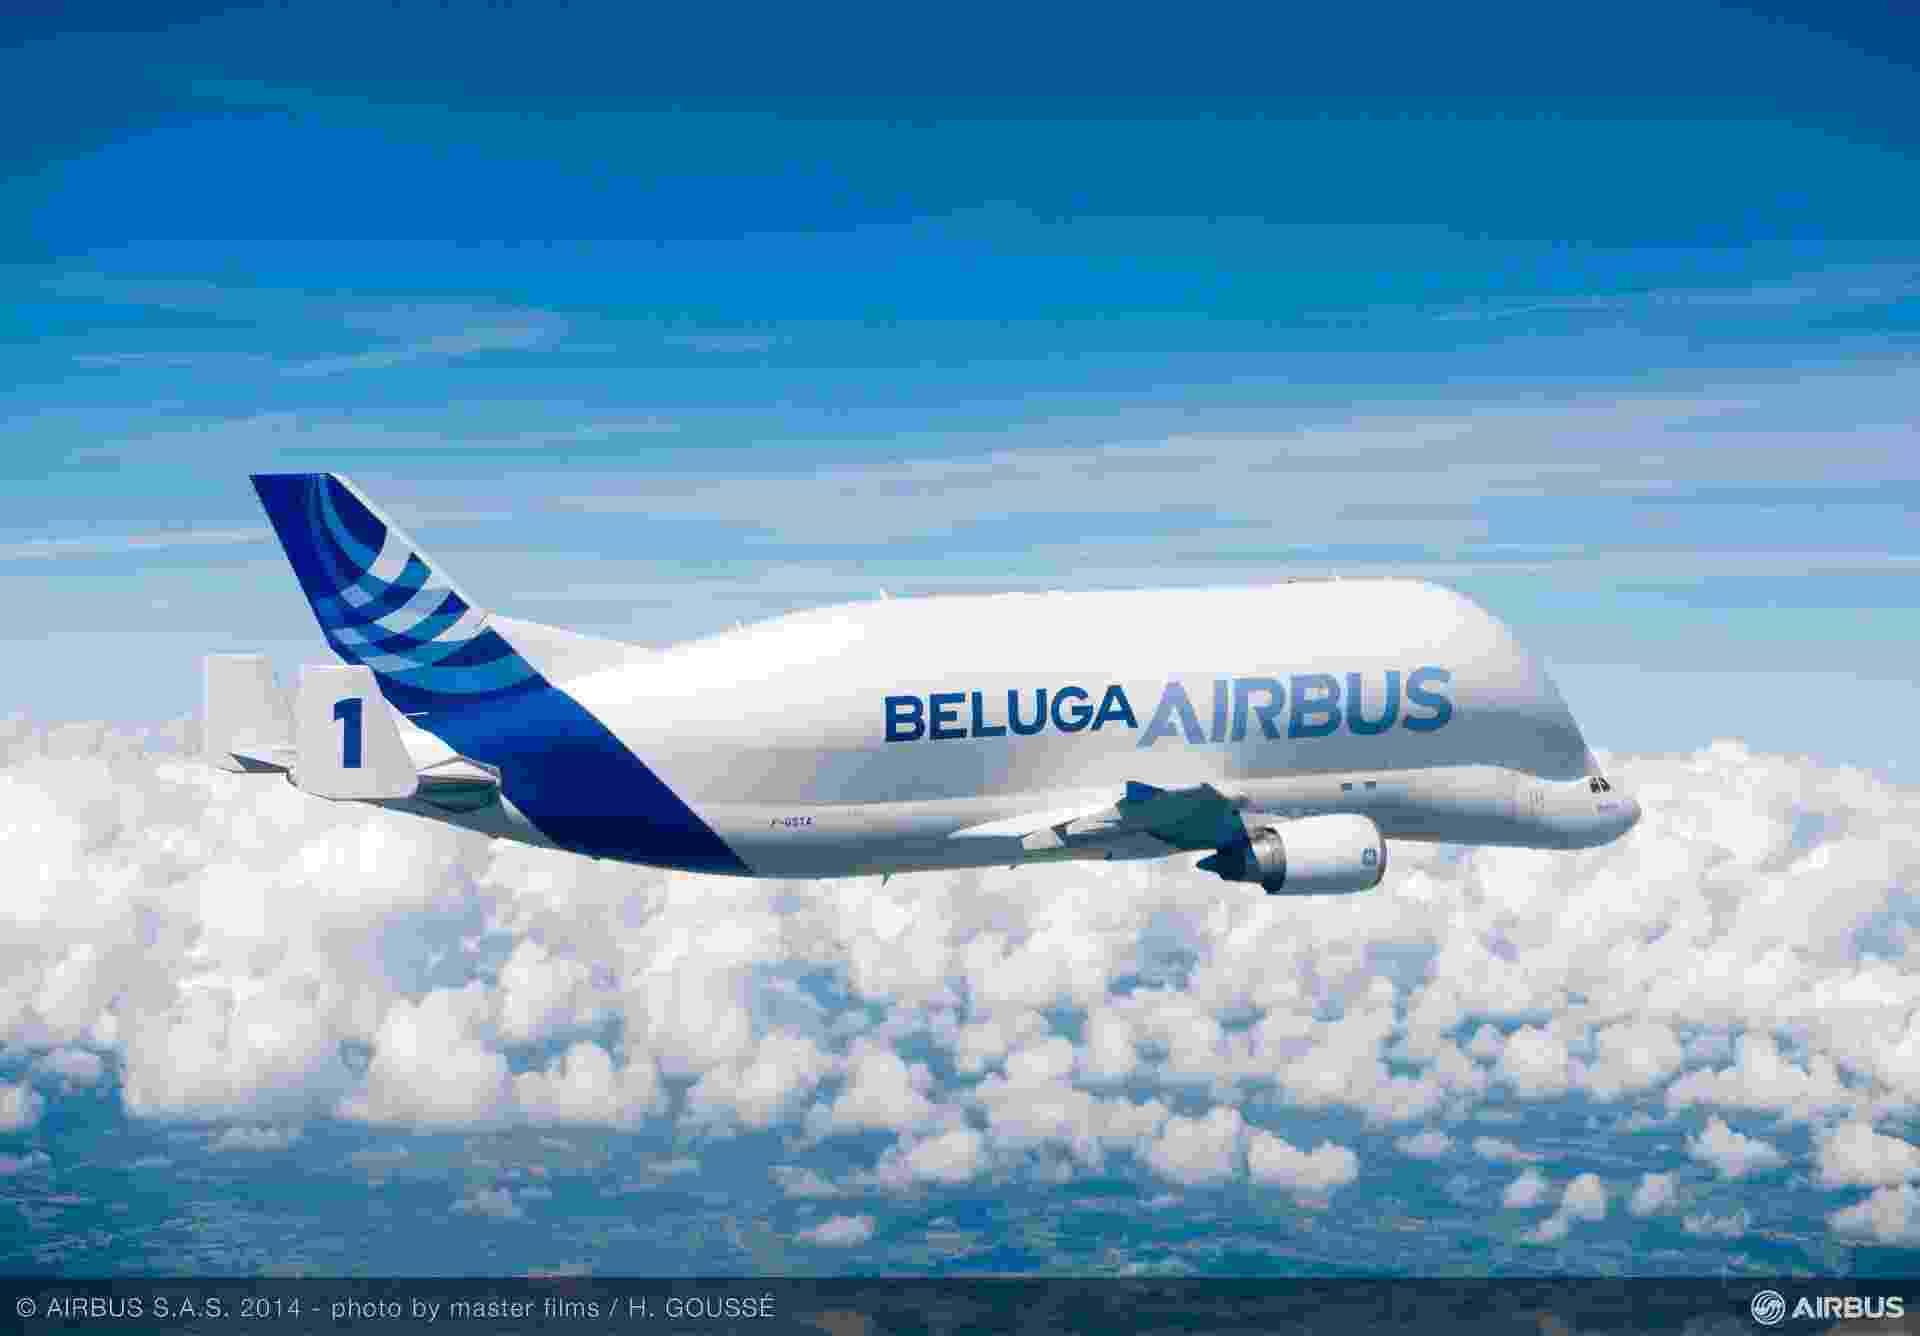 Airbus Beluga, A300-600ST, que transporta partes dos aviões da própria Airbus - Divulgação/Airbus